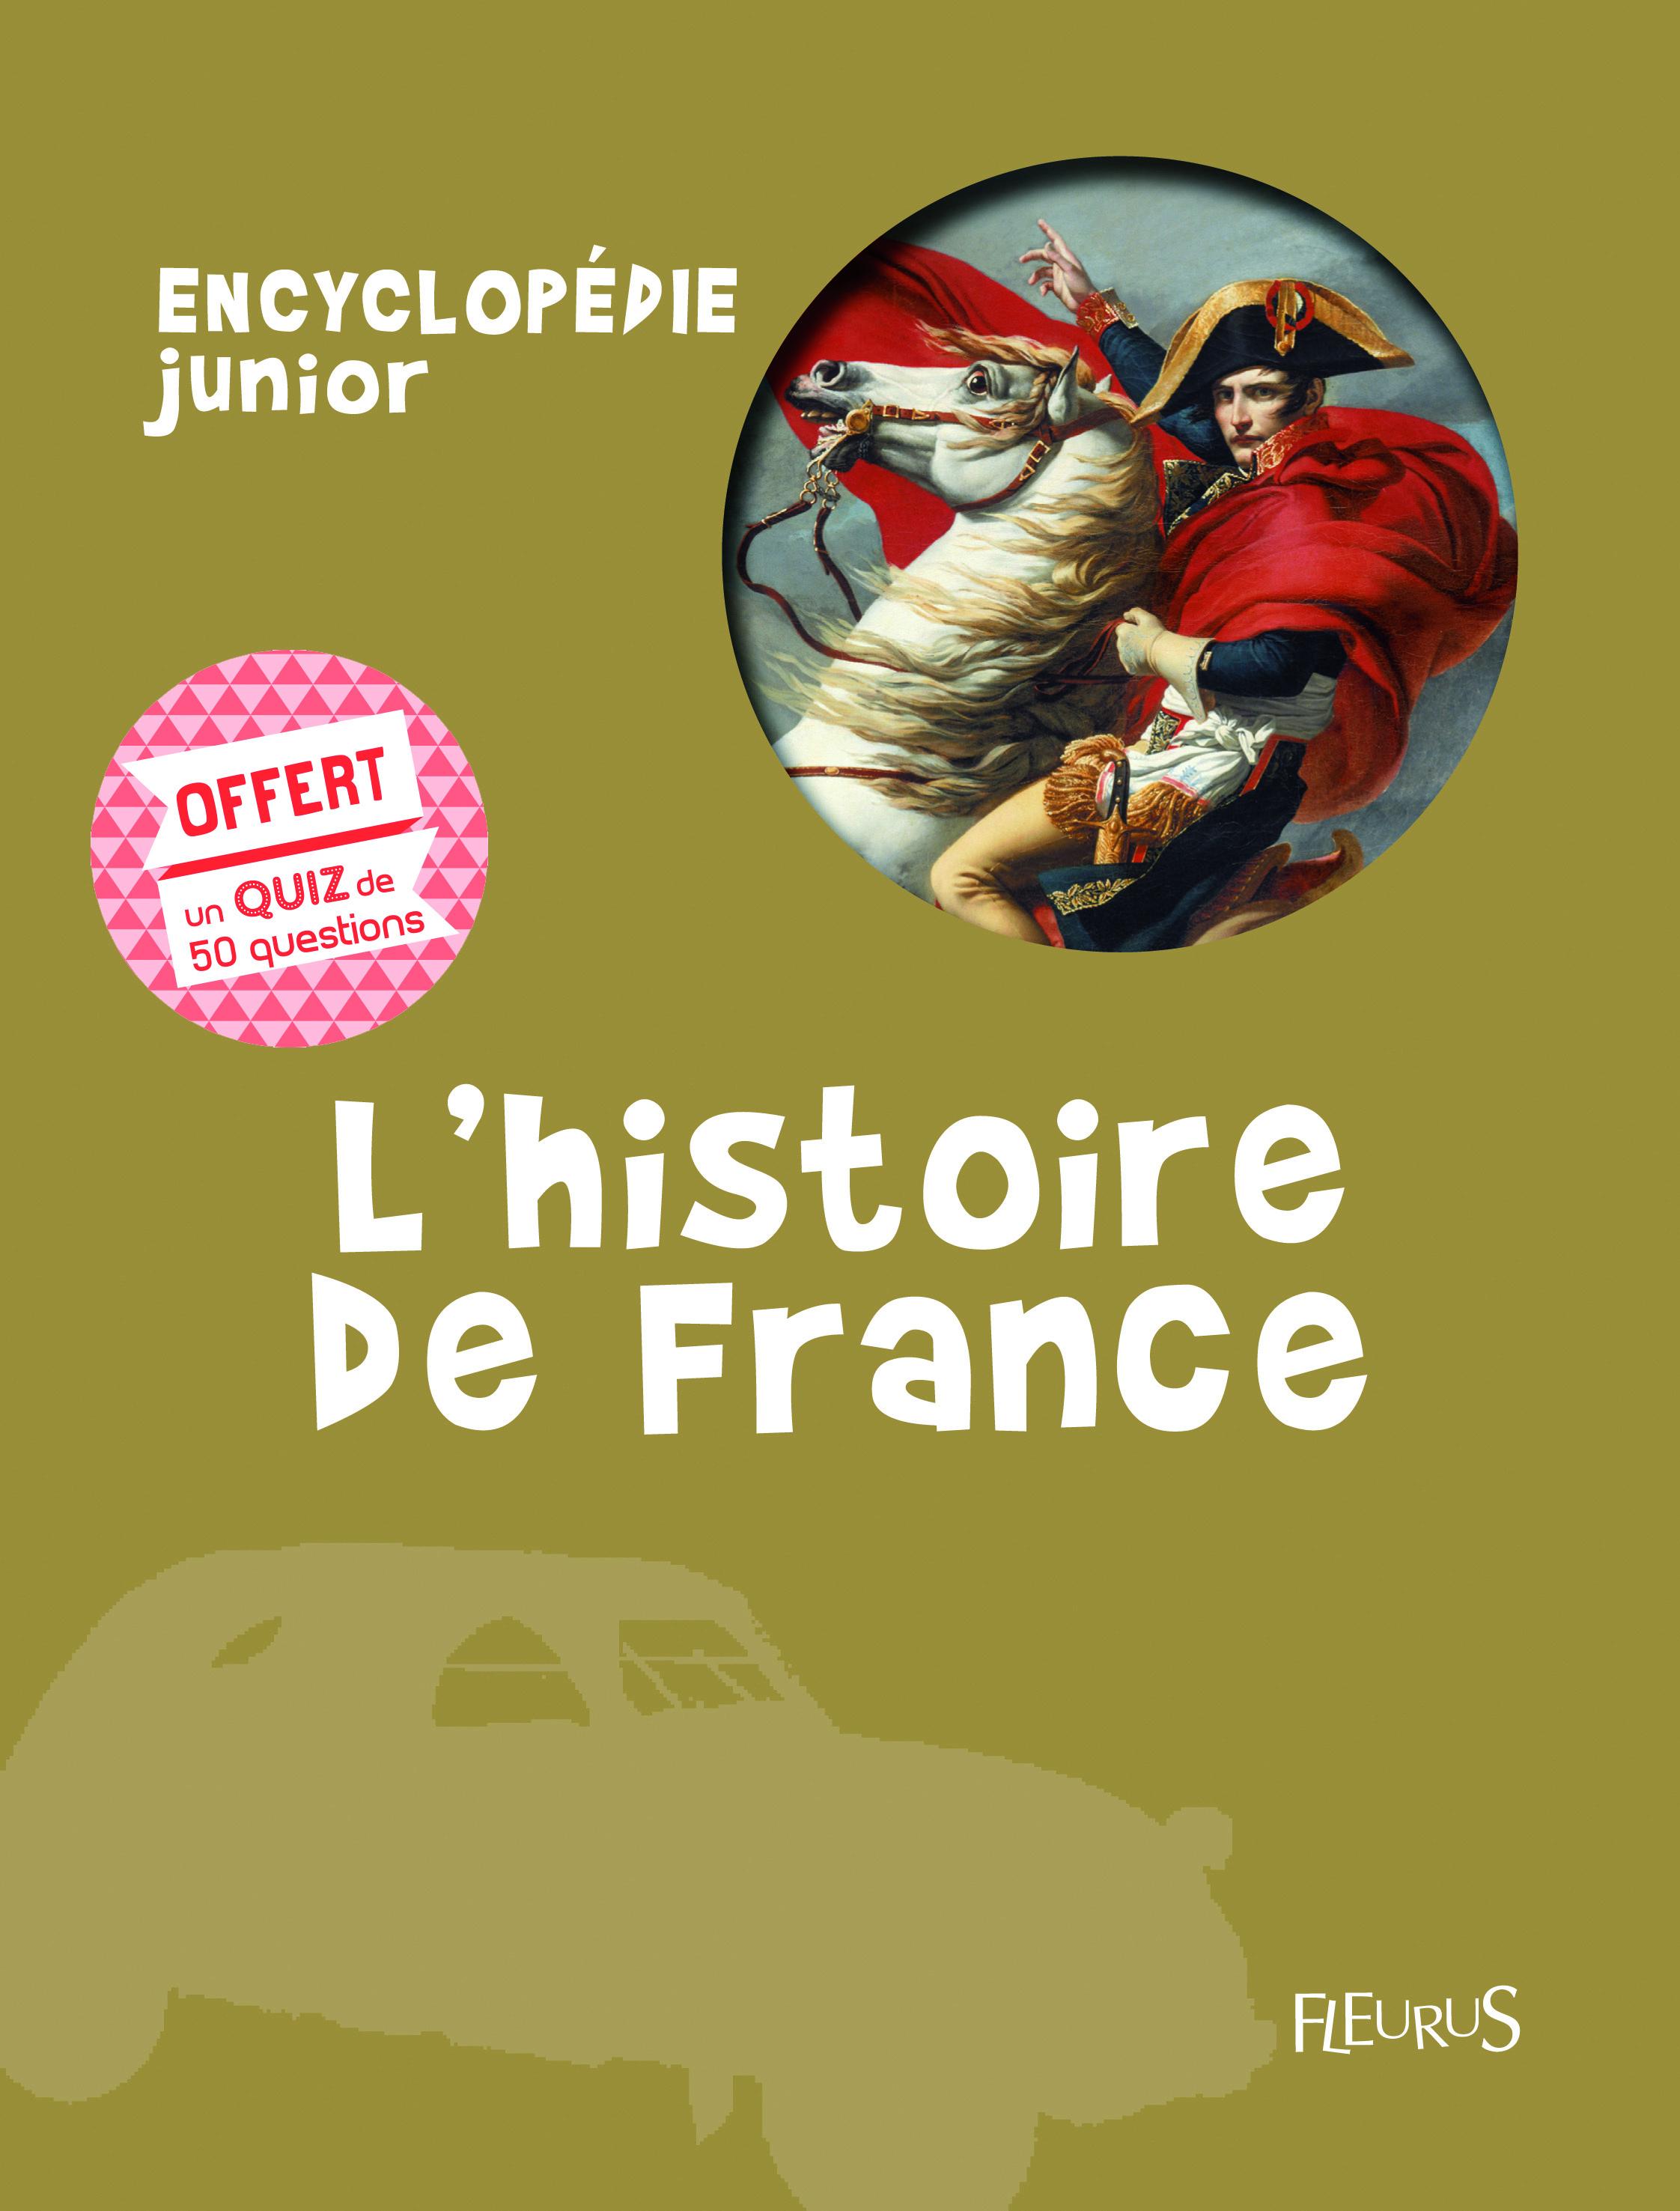 HISTOIRE DE FRANCE - ENCYCLO + QUIZ